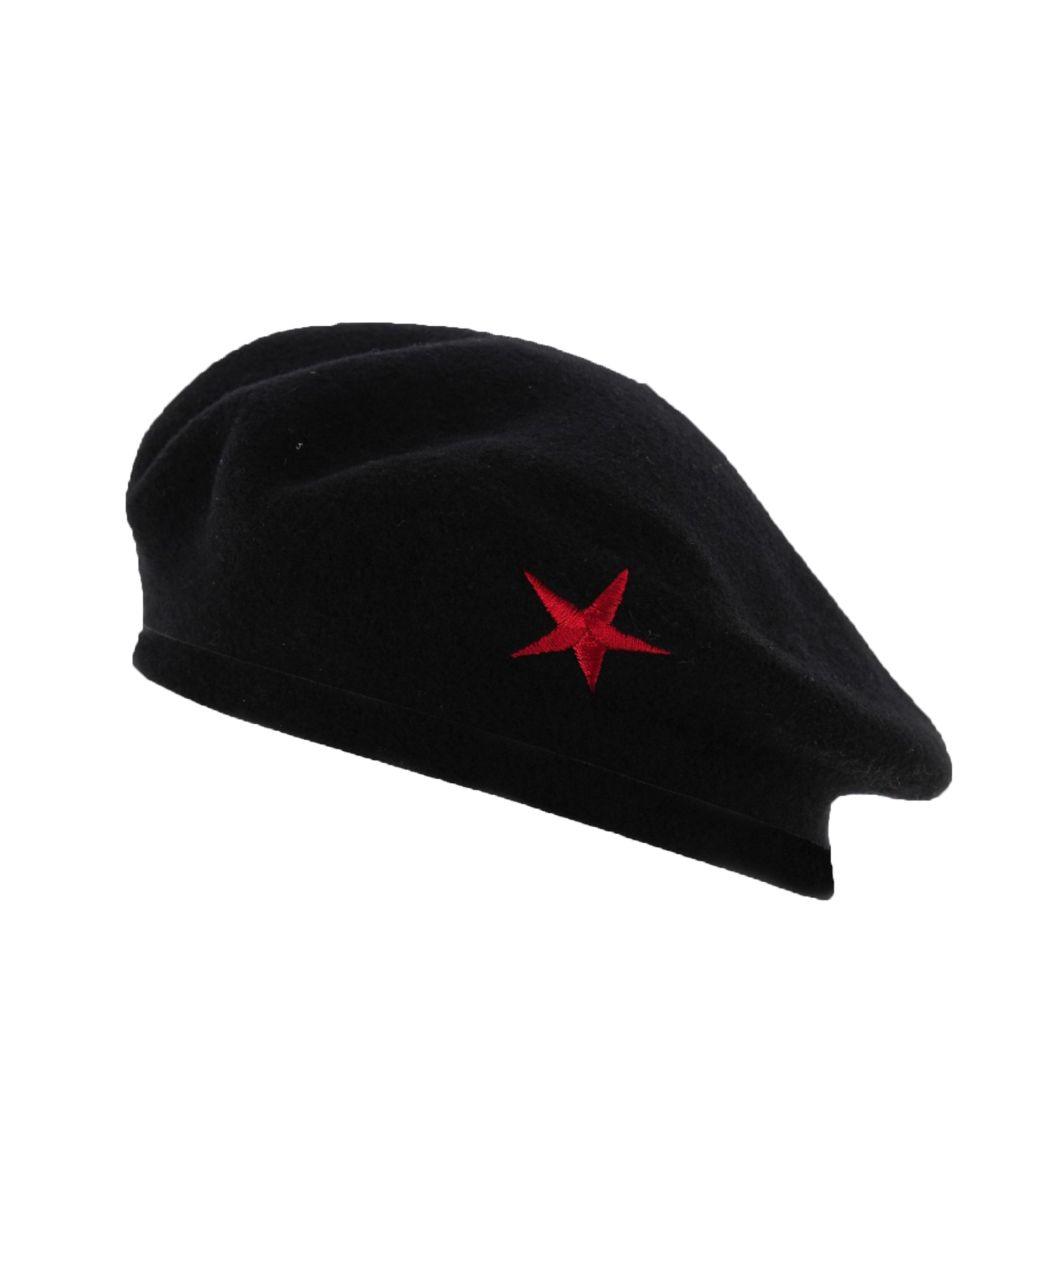 Che Guevara Sapka Che Guevara Sapka Stil